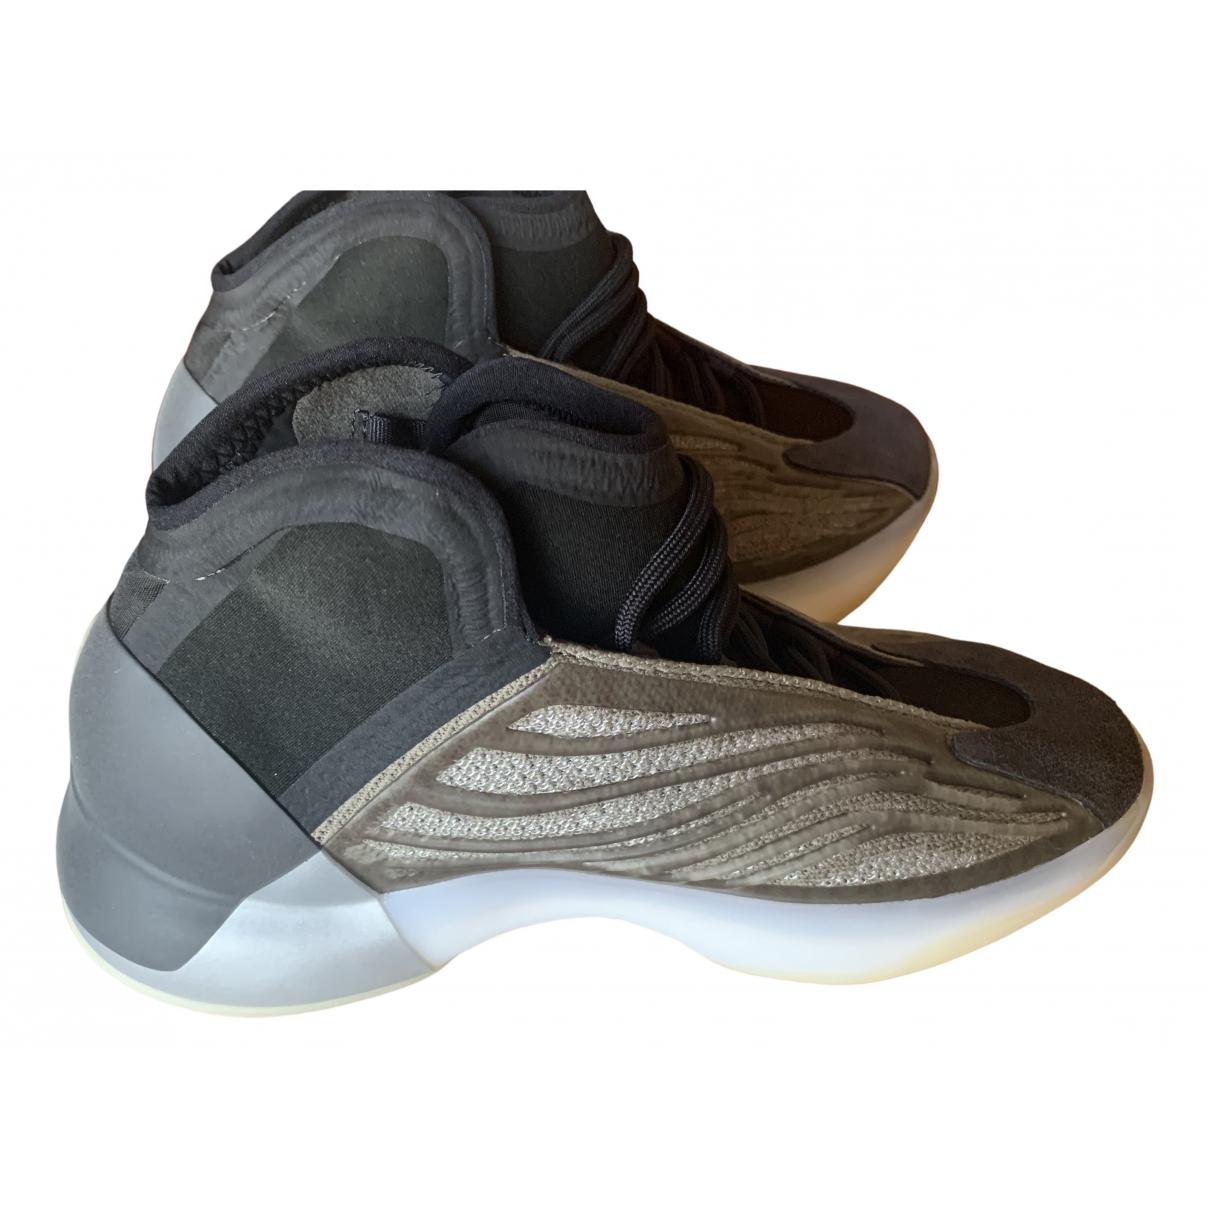 Yeezy X Adidas QNTM BSKTBL Sneakers in  Bunt Leinen